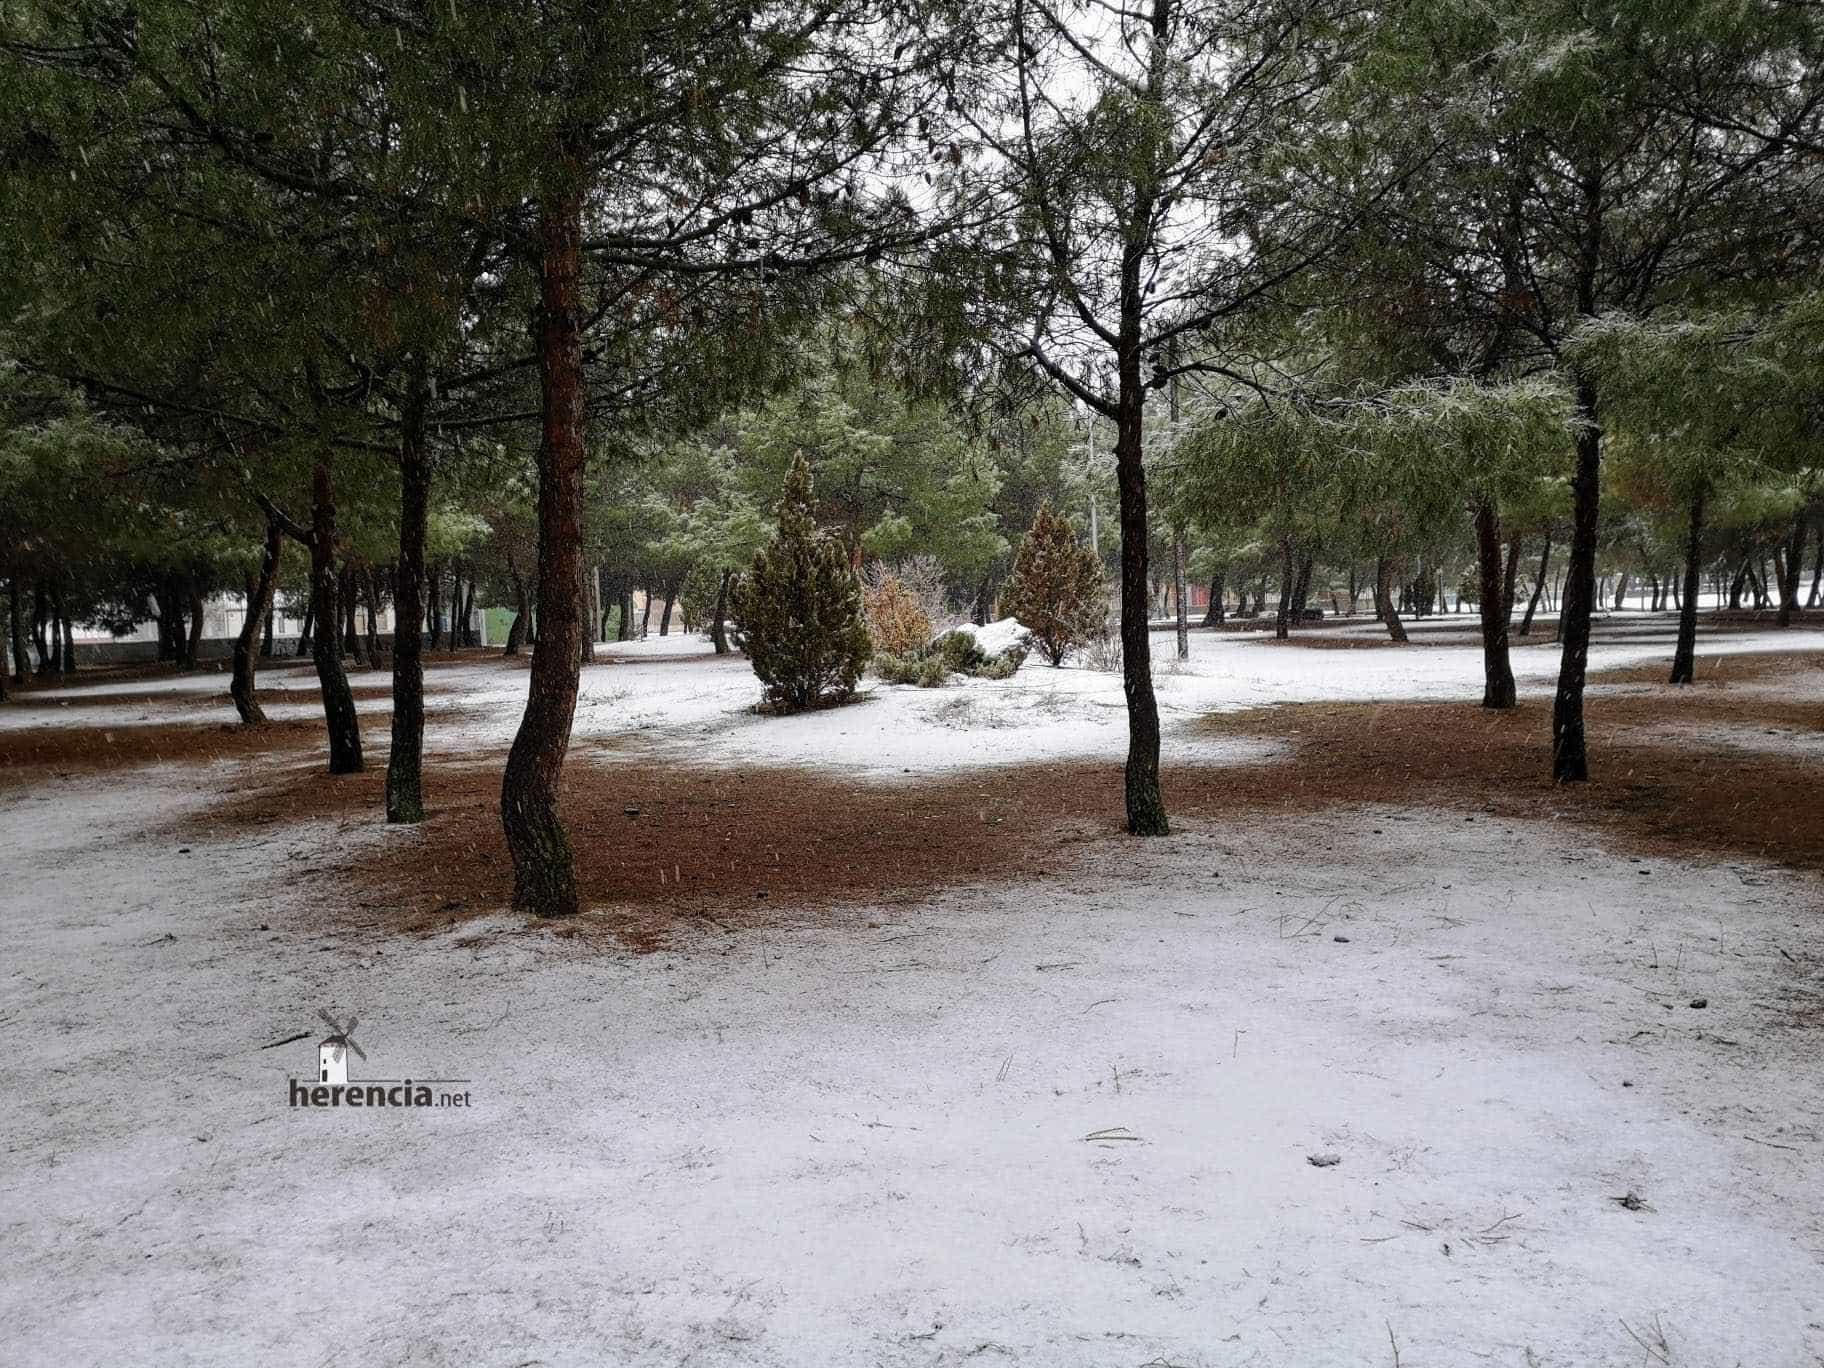 Las nevadas llegan Herencia y a toda Castilla-La Mancha (actualizado) 104